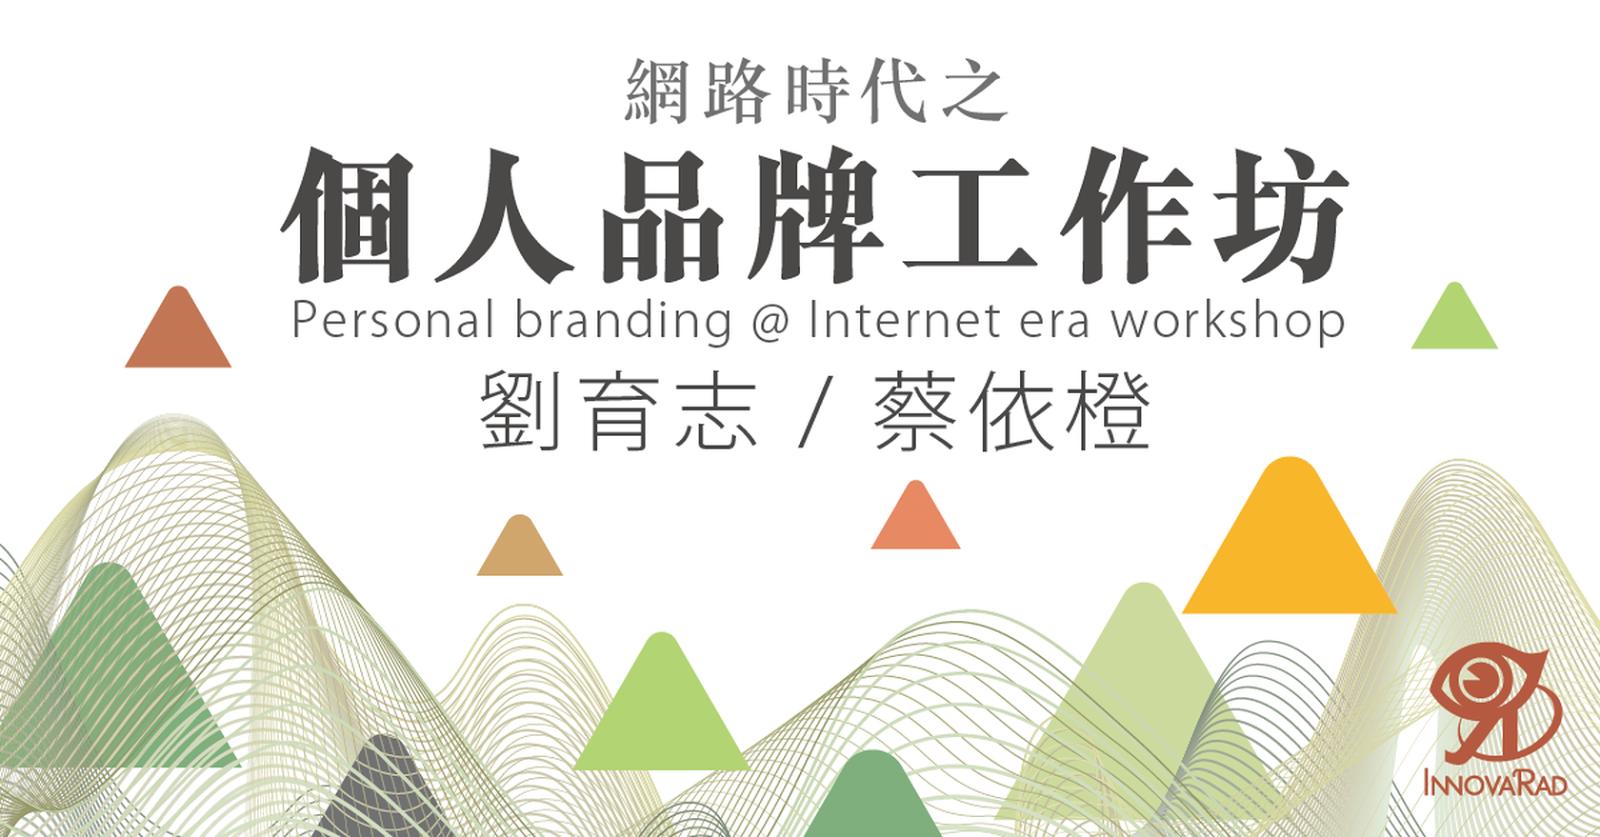 網路時代之個人品牌工作坊 | 新思惟國際